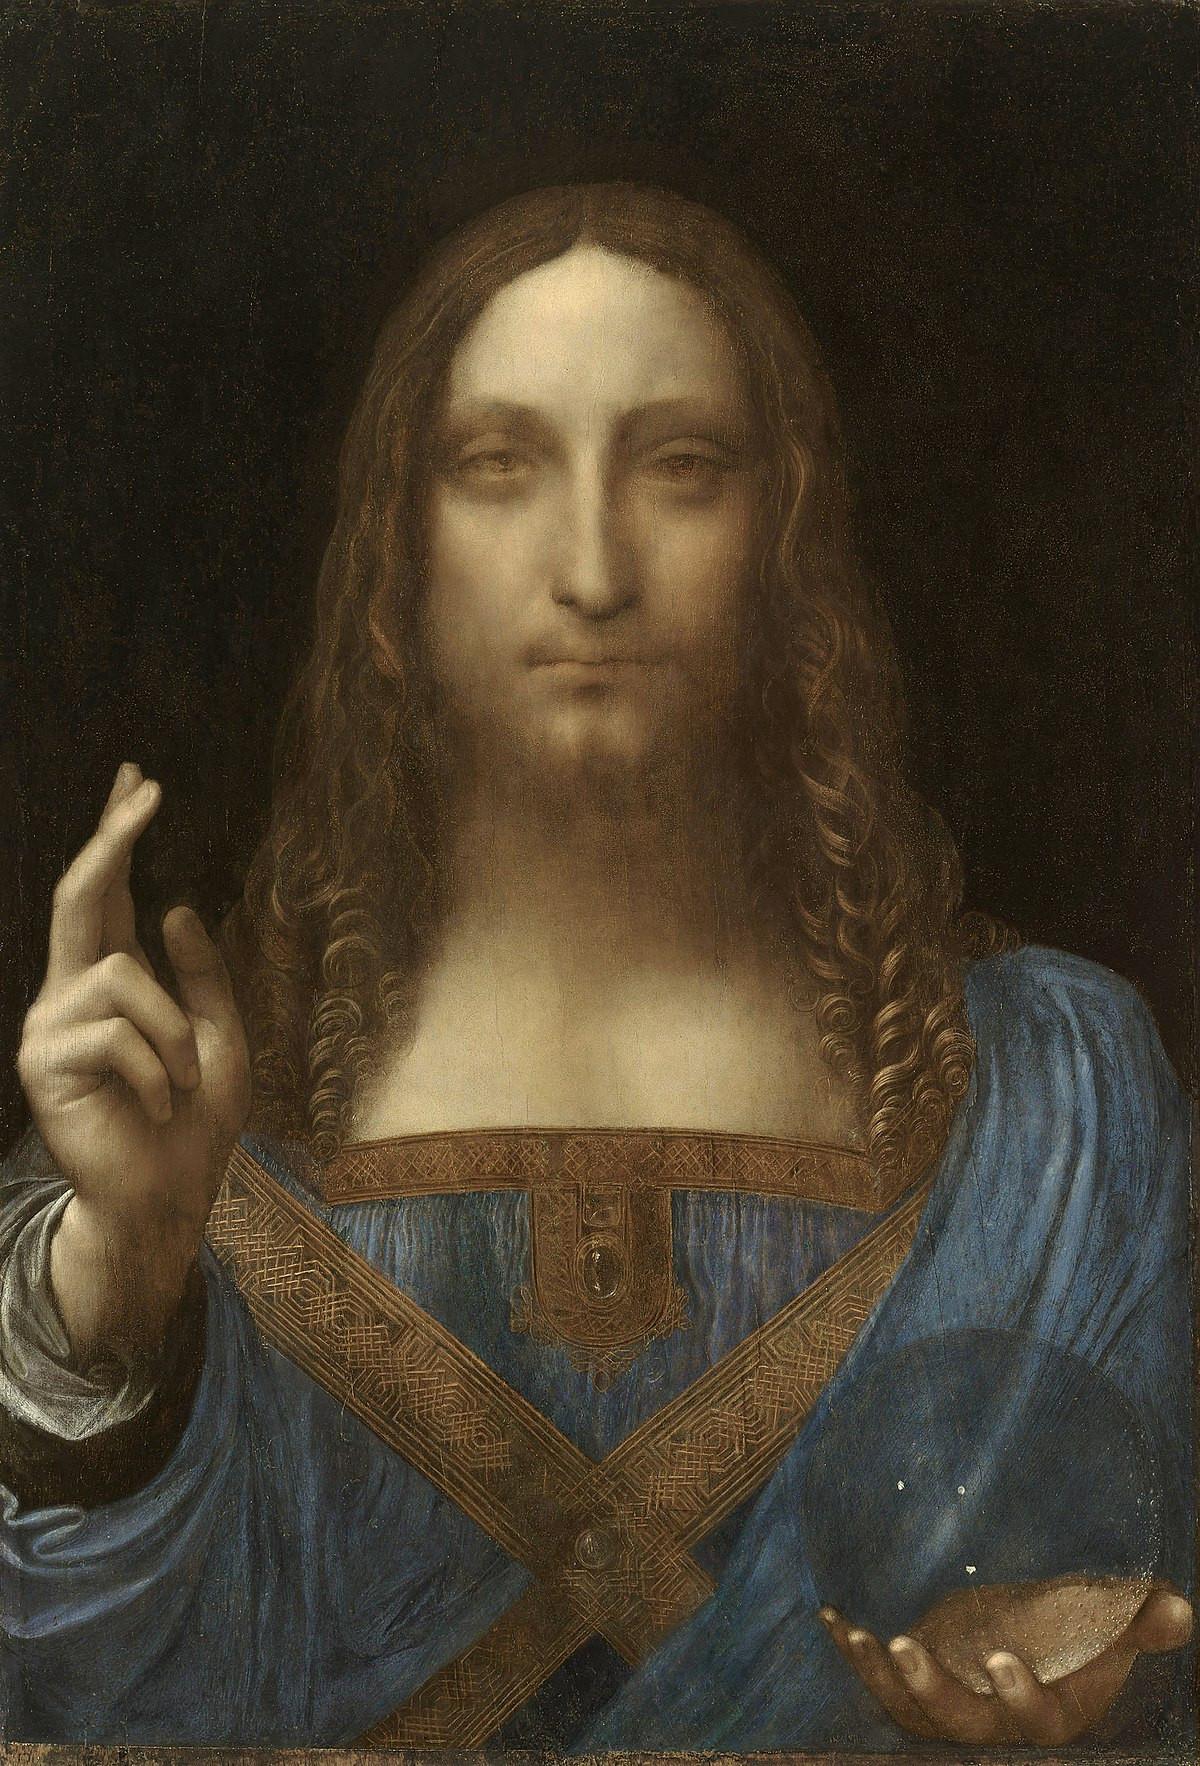 Quadro de Da Vinci no valor de 400 milhões de euros em parte incerta